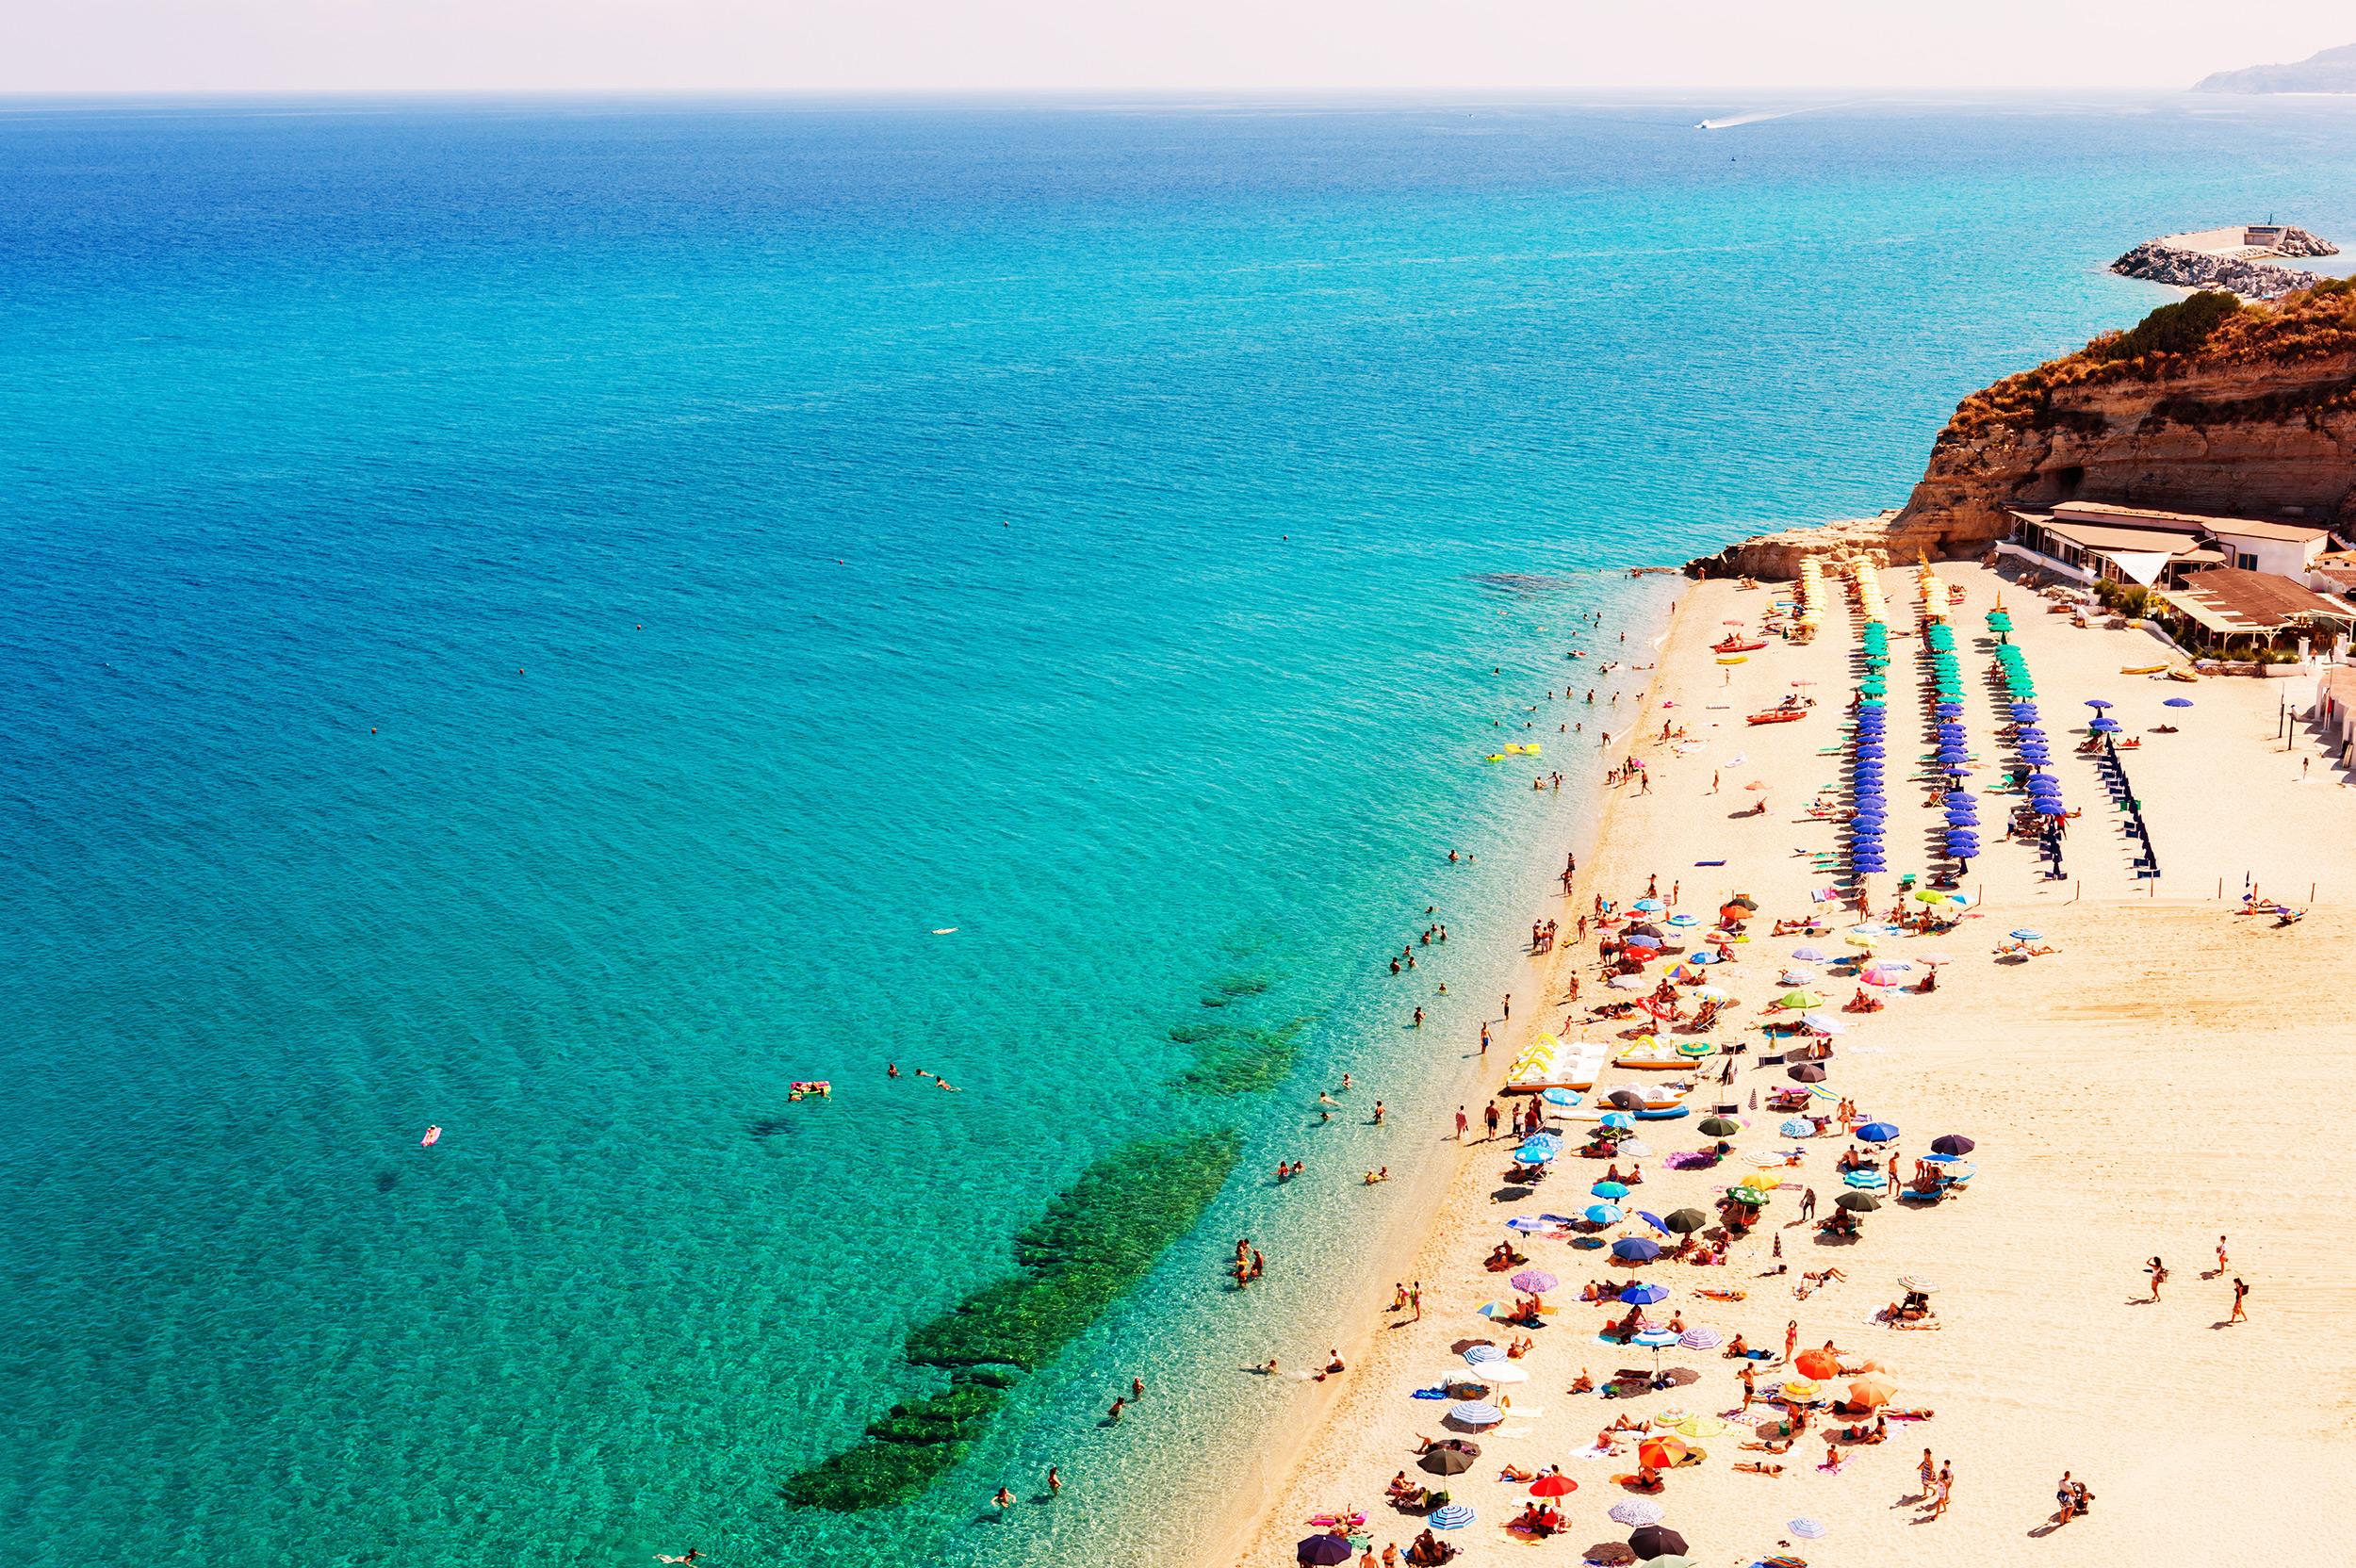 Italien 8 tage kalabrien im guten 4 hotel am meer mit for Design hotels kalabrien